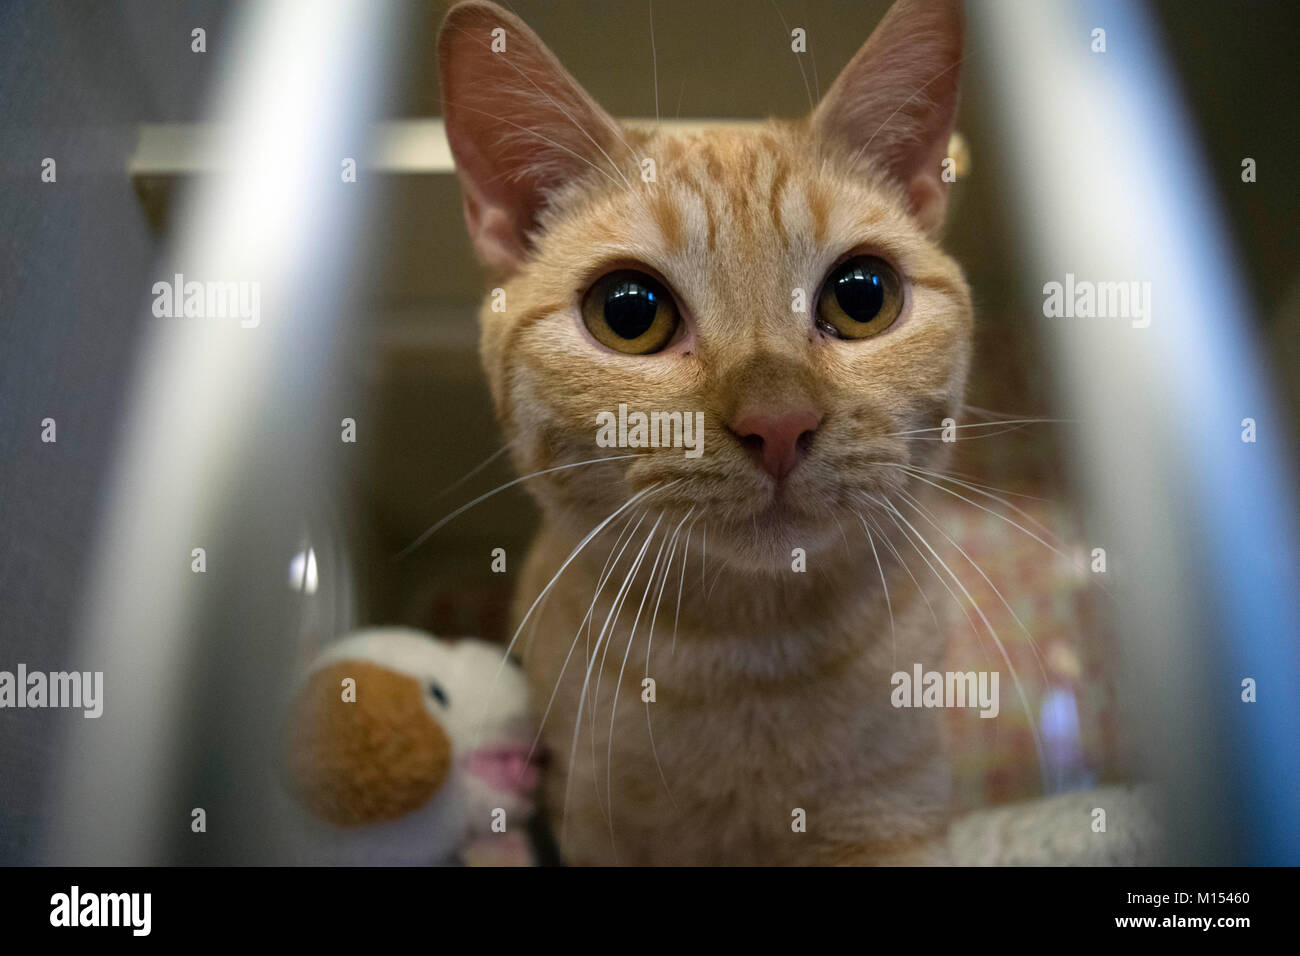 Ein Kätzchen wartet auf Annahme auf der örtlichen Tierheim. Stockbild